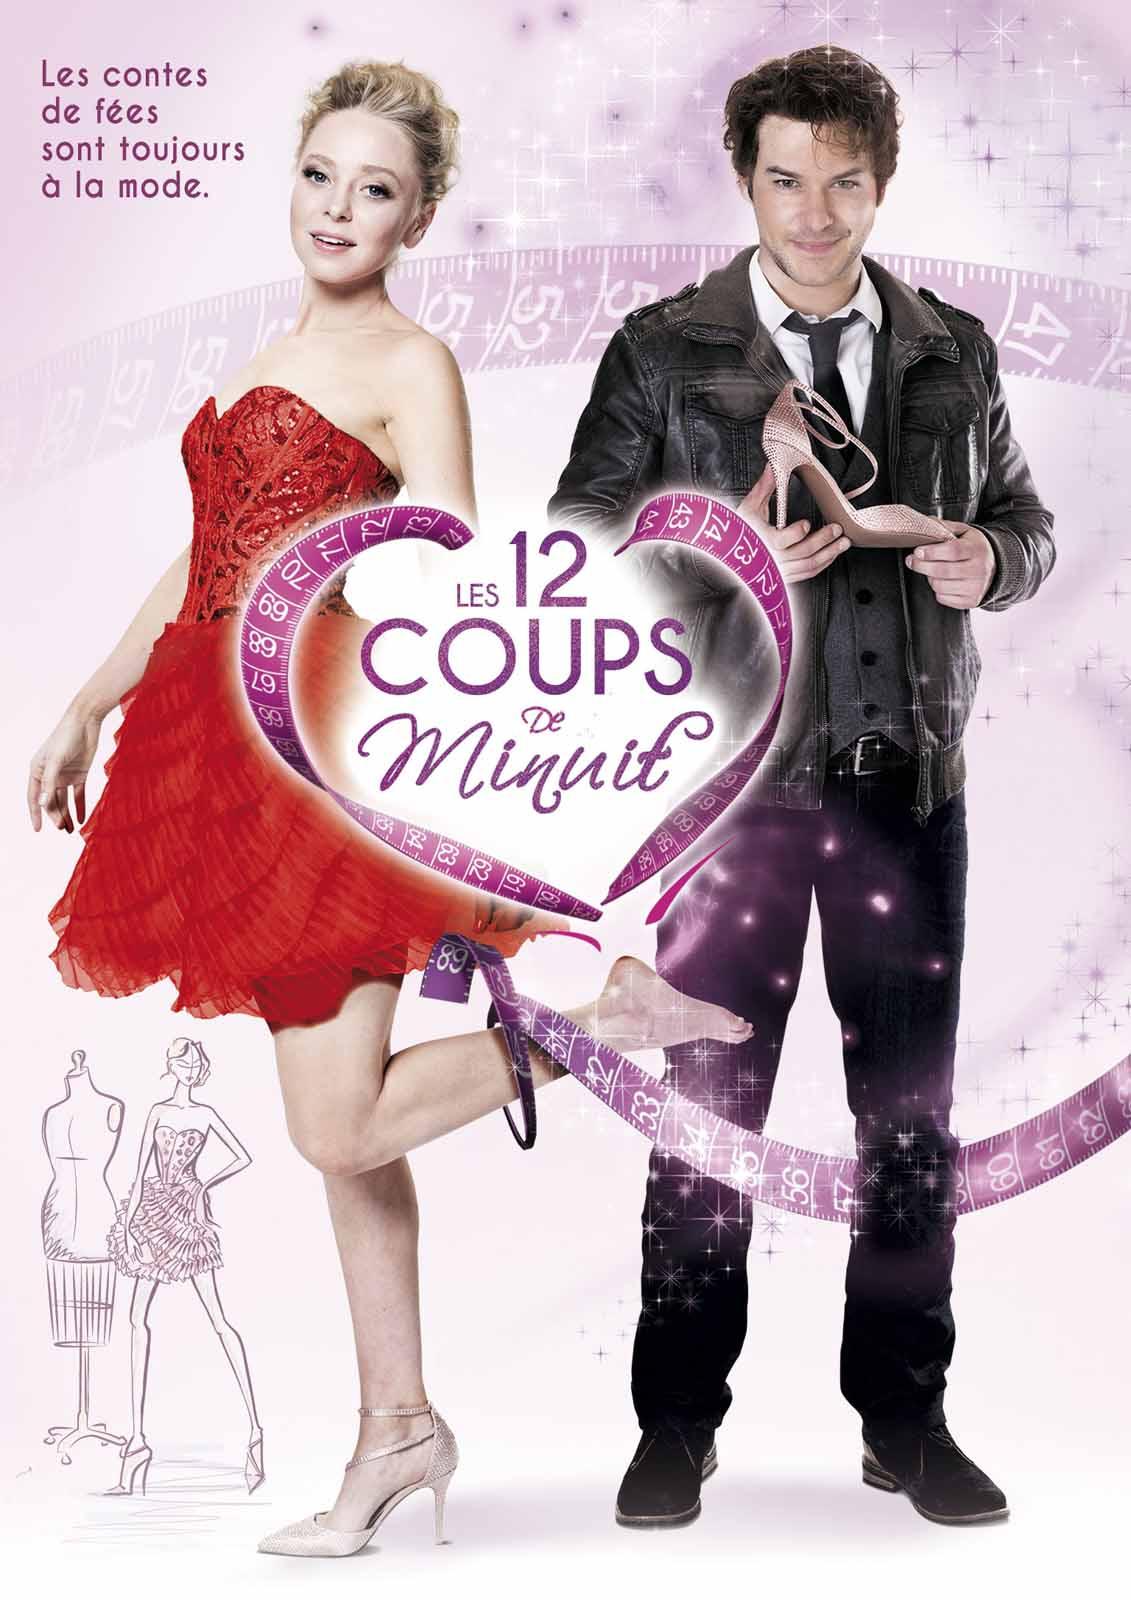 Les 12 coups de minuit film 2015 allocin - Les coups de minuits bande annonce ...